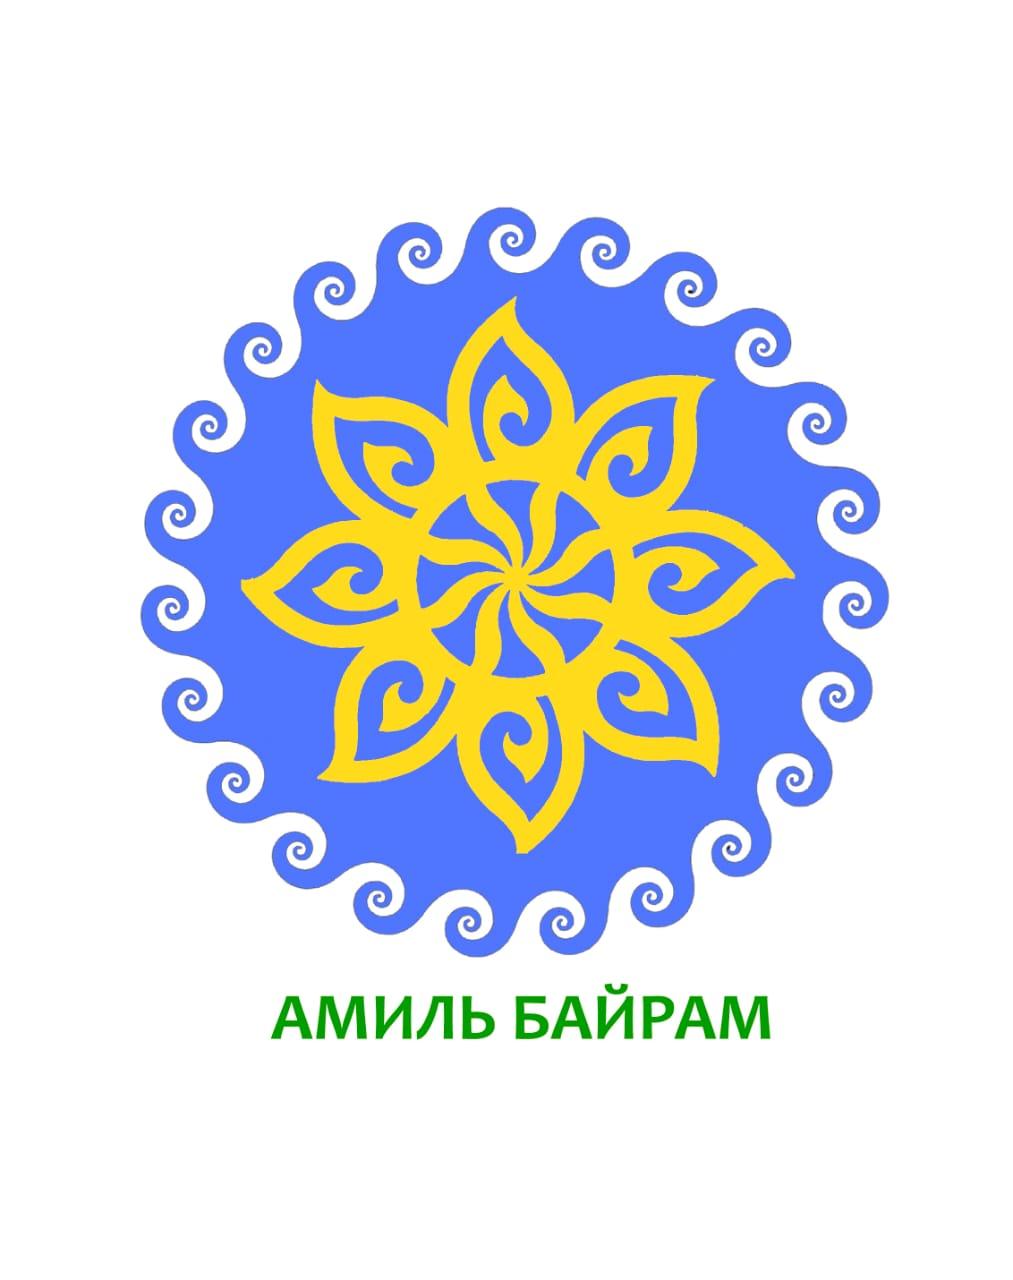 В Астрахани отметят праздник юртовских ногайцев «Амиль байрам»